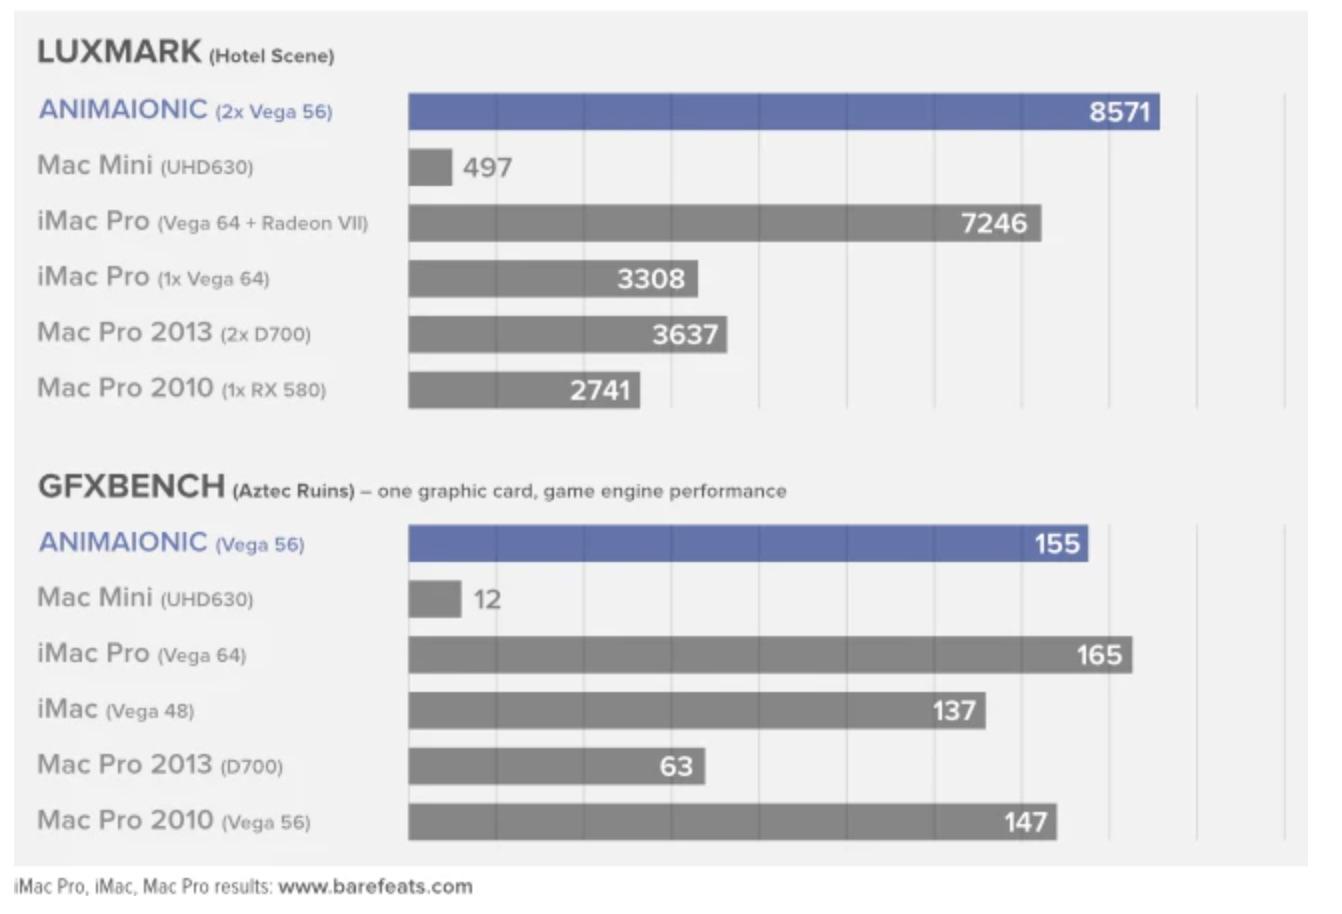 Mac miniと「Animaionic」の性能比較